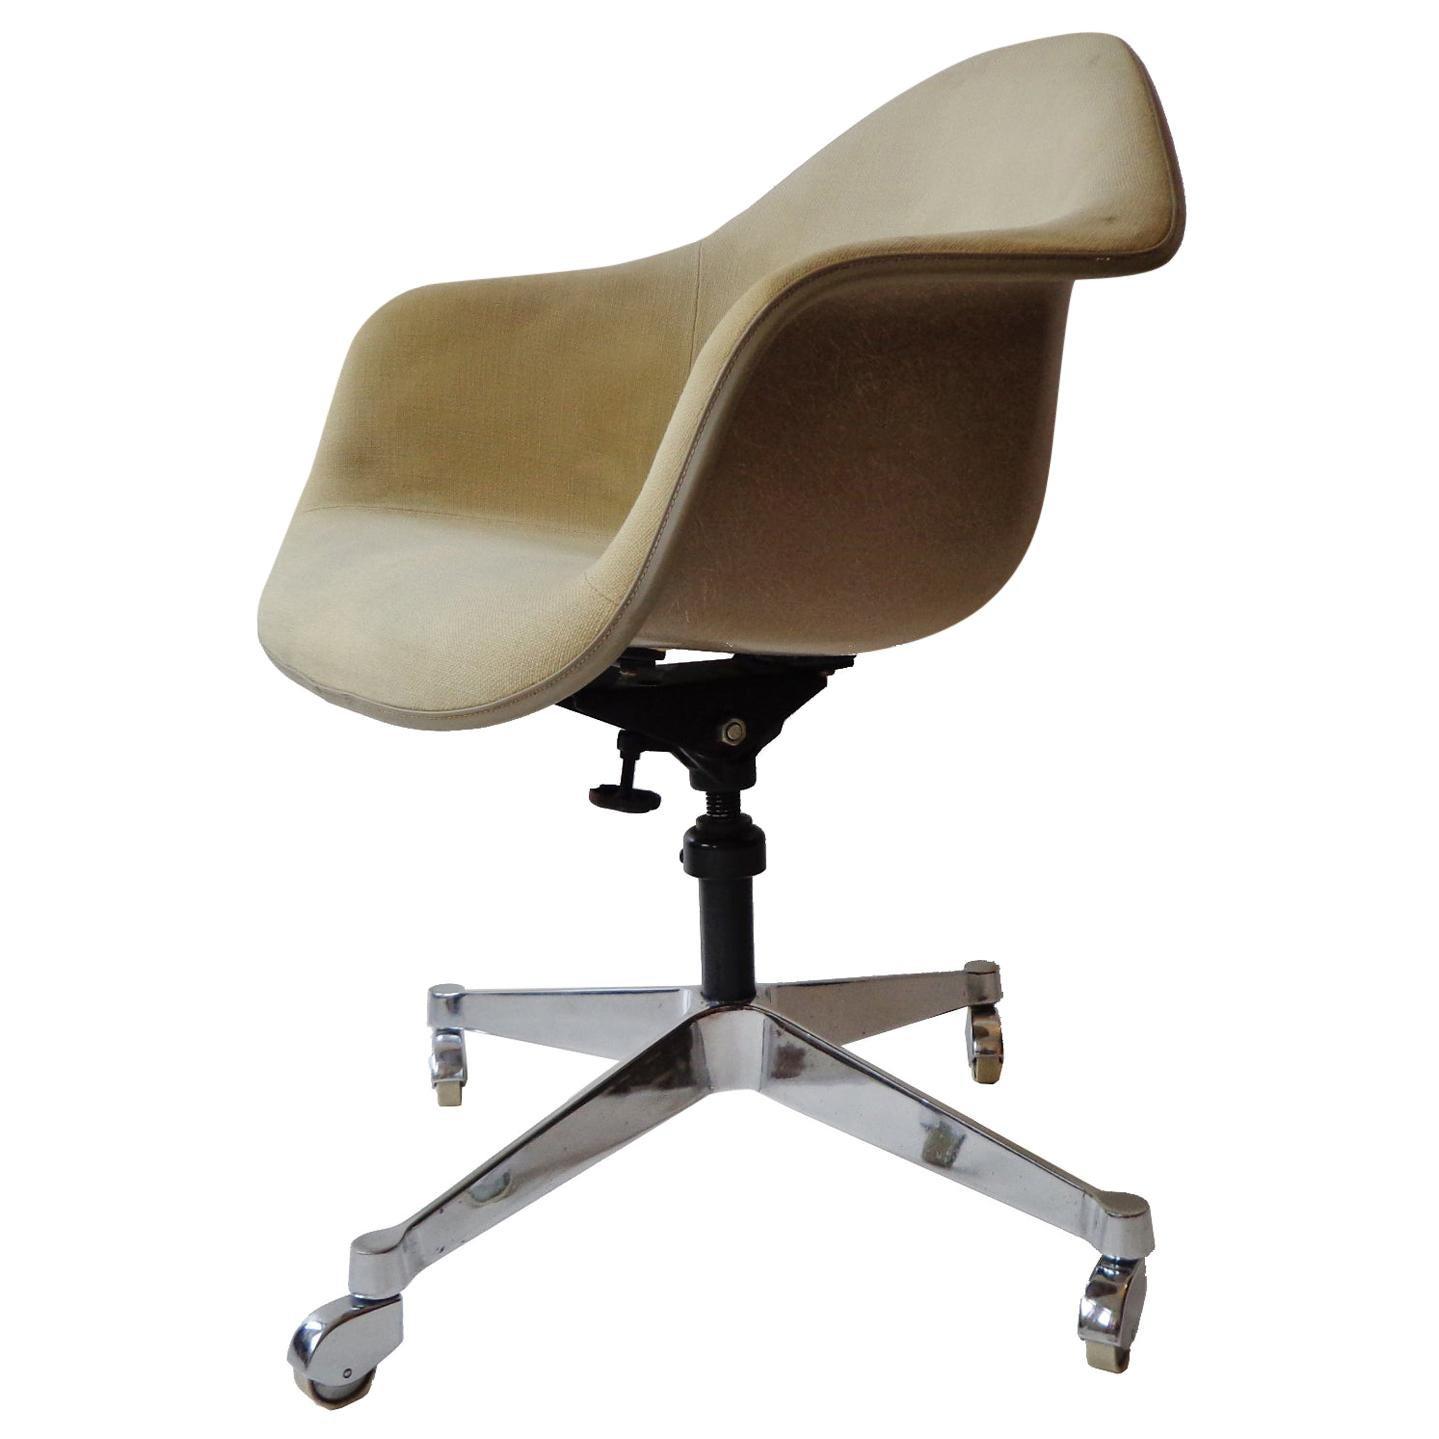 Eames for Herman Miller DAT-1 Swivel Desk or Office Armchair Midcentury, 1960s